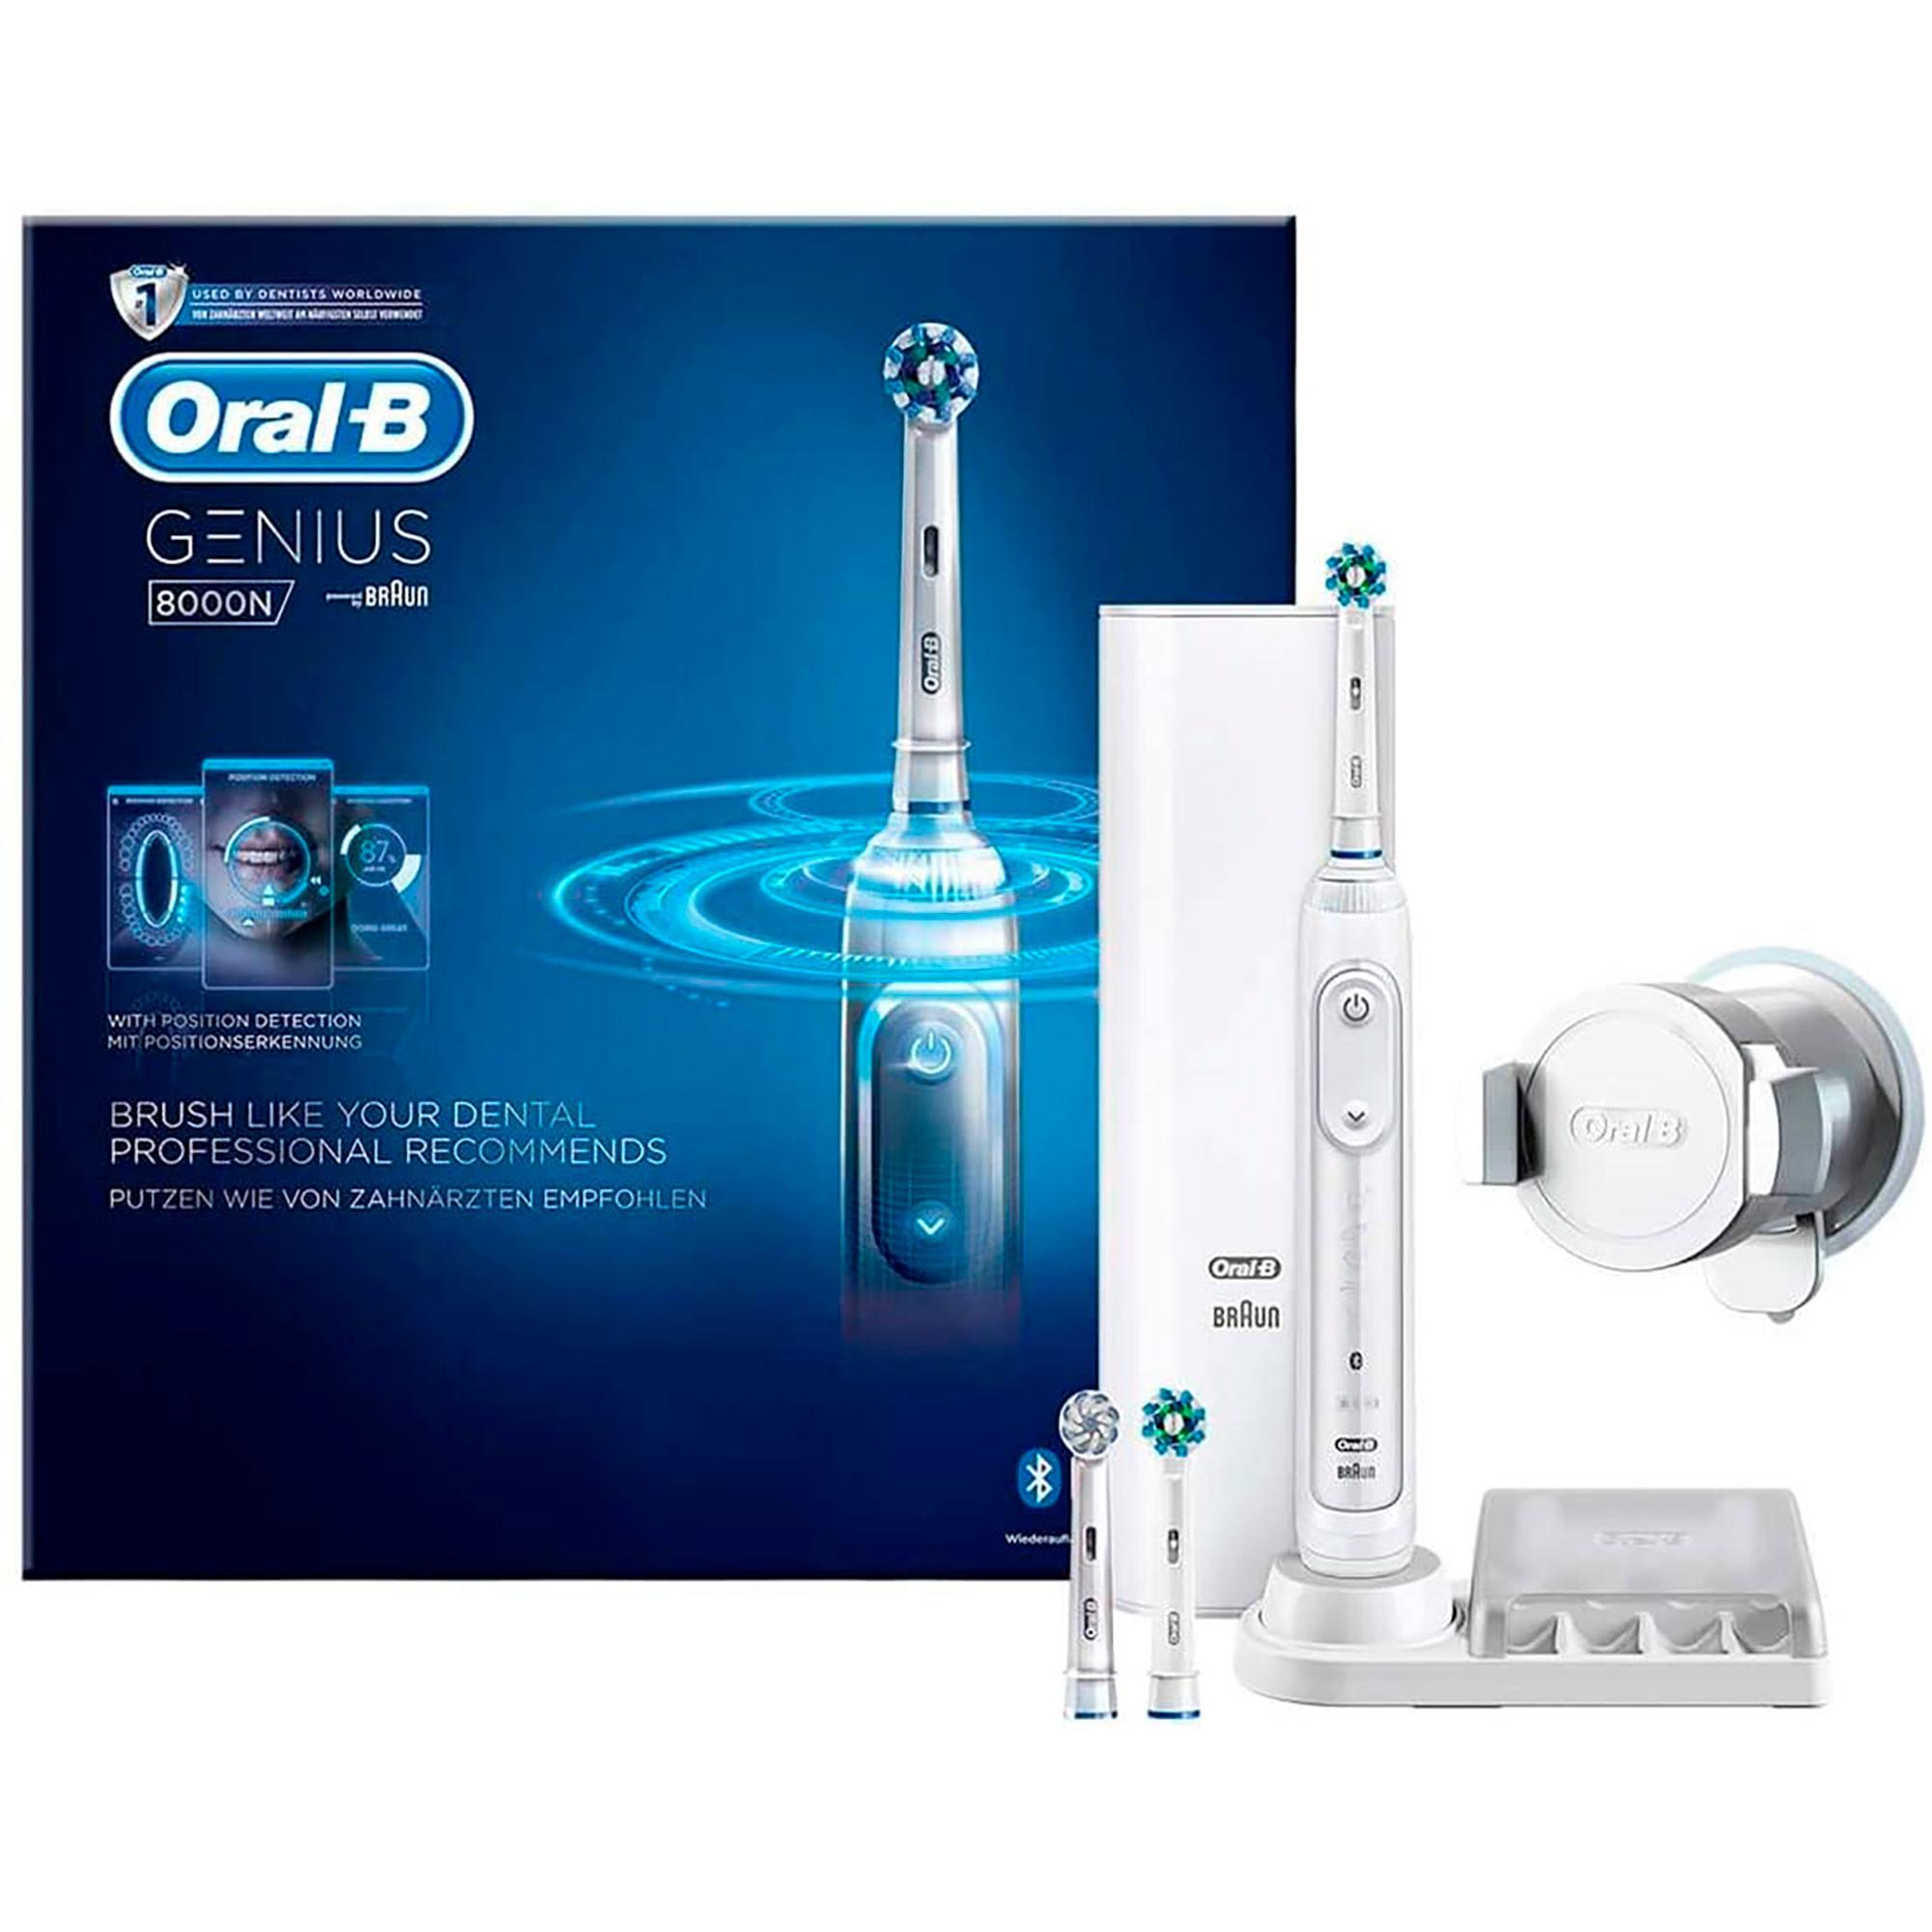 ORAL-B Genius Pro 8000 Cepillo de Dientes Eléctrico, Sensor Presión, Encías Sensibles, Conexión Bluetooth con Smartphone, Batería Recargable, 3 Cabezales, Estuche de Viaje Cargador, Blanco